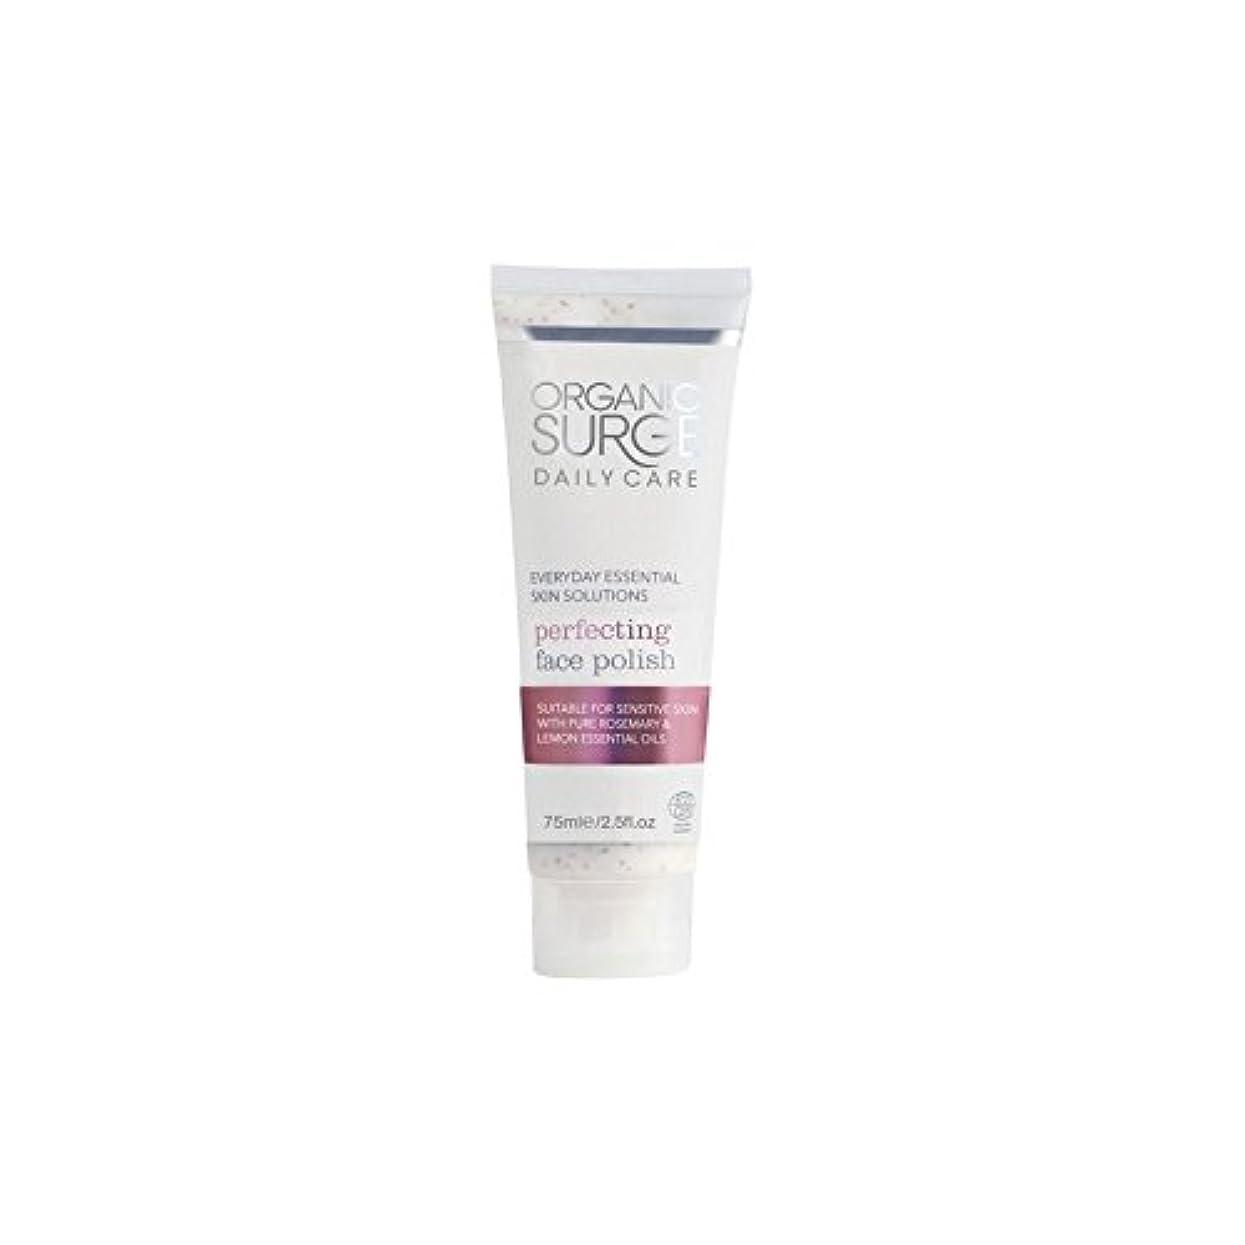 欠かせない木材レバー面研磨を完成有機サージ毎日のケア(75ミリリットル) x4 - Organic Surge Daily Care Perfecting Face Polish (75ml) (Pack of 4) [並行輸入品]